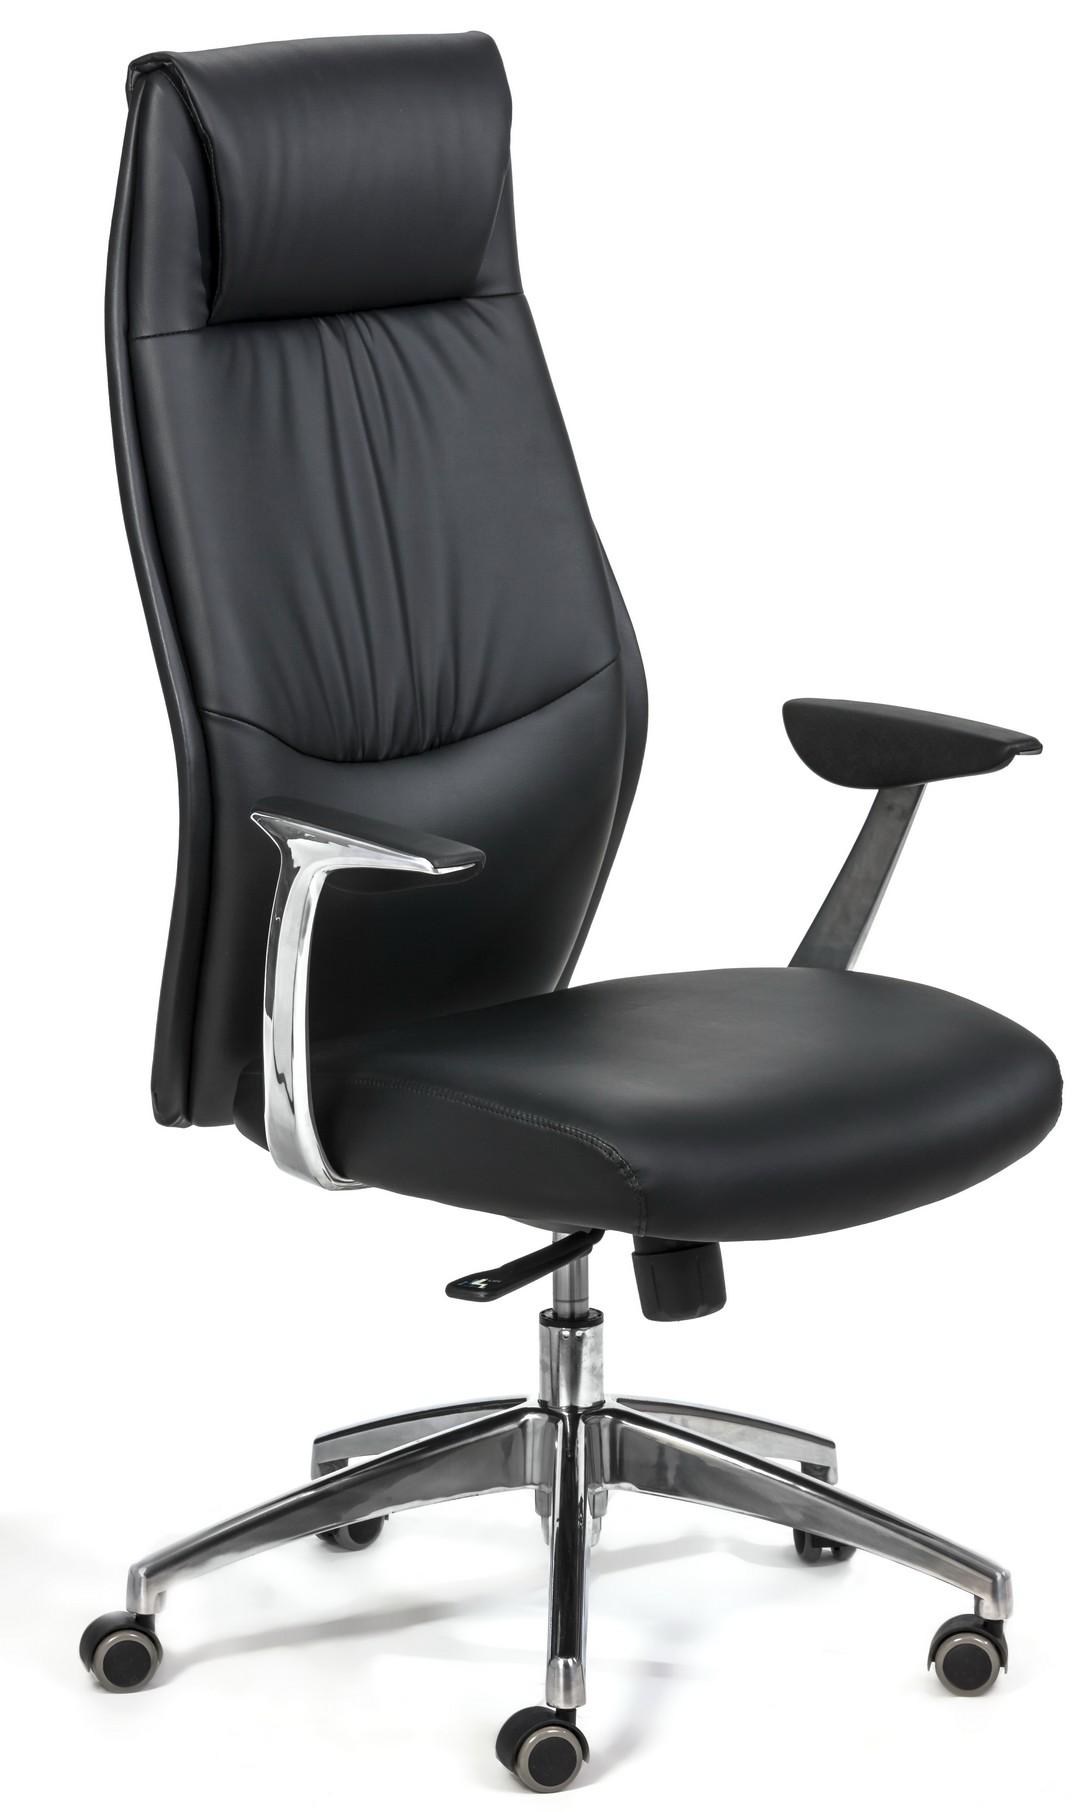 כסא מנהלים אורטופדי לכבדי משקל דגם טיטאניום